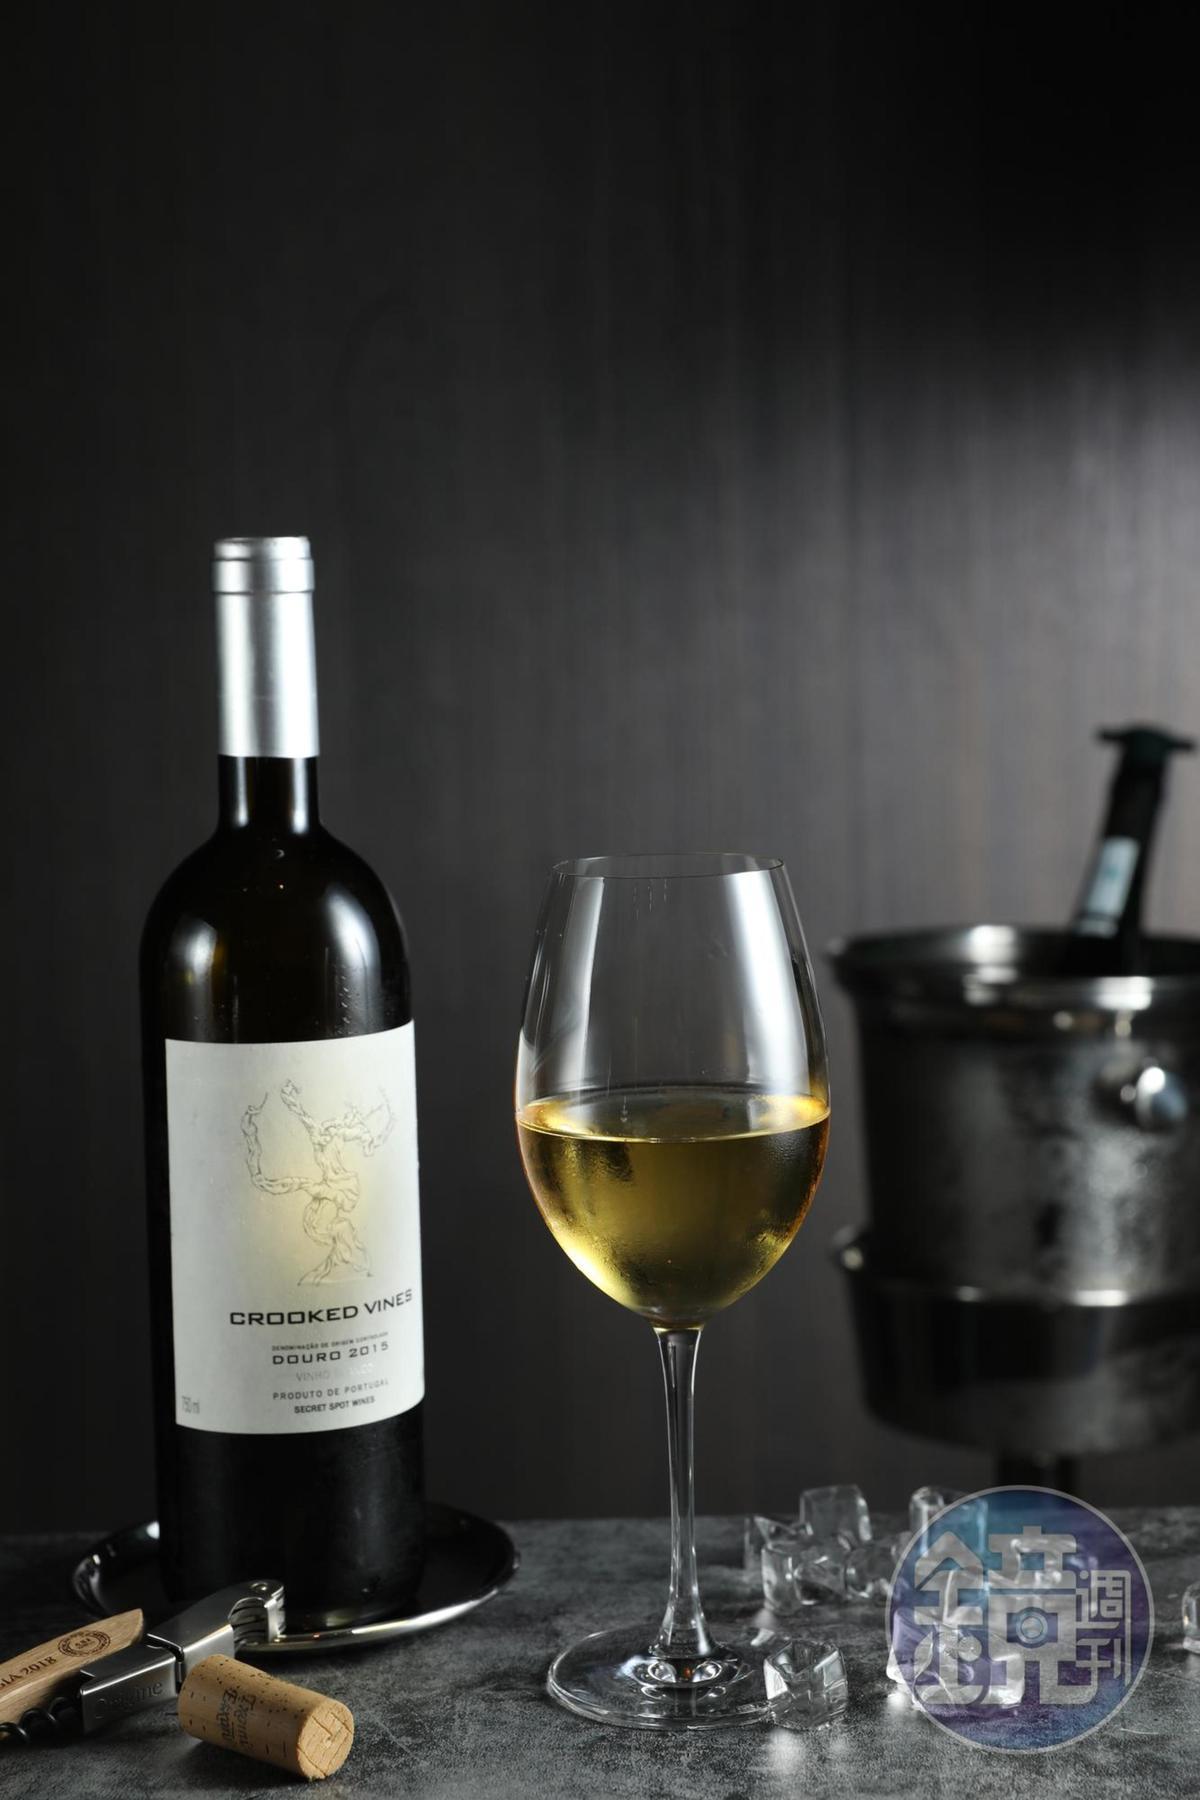 葡萄牙「秘境酒莊老藤」以多種葡萄釀製,配上台畜火腿拼盤,平易近人超百搭。(280元/杯、1,200元/瓶)